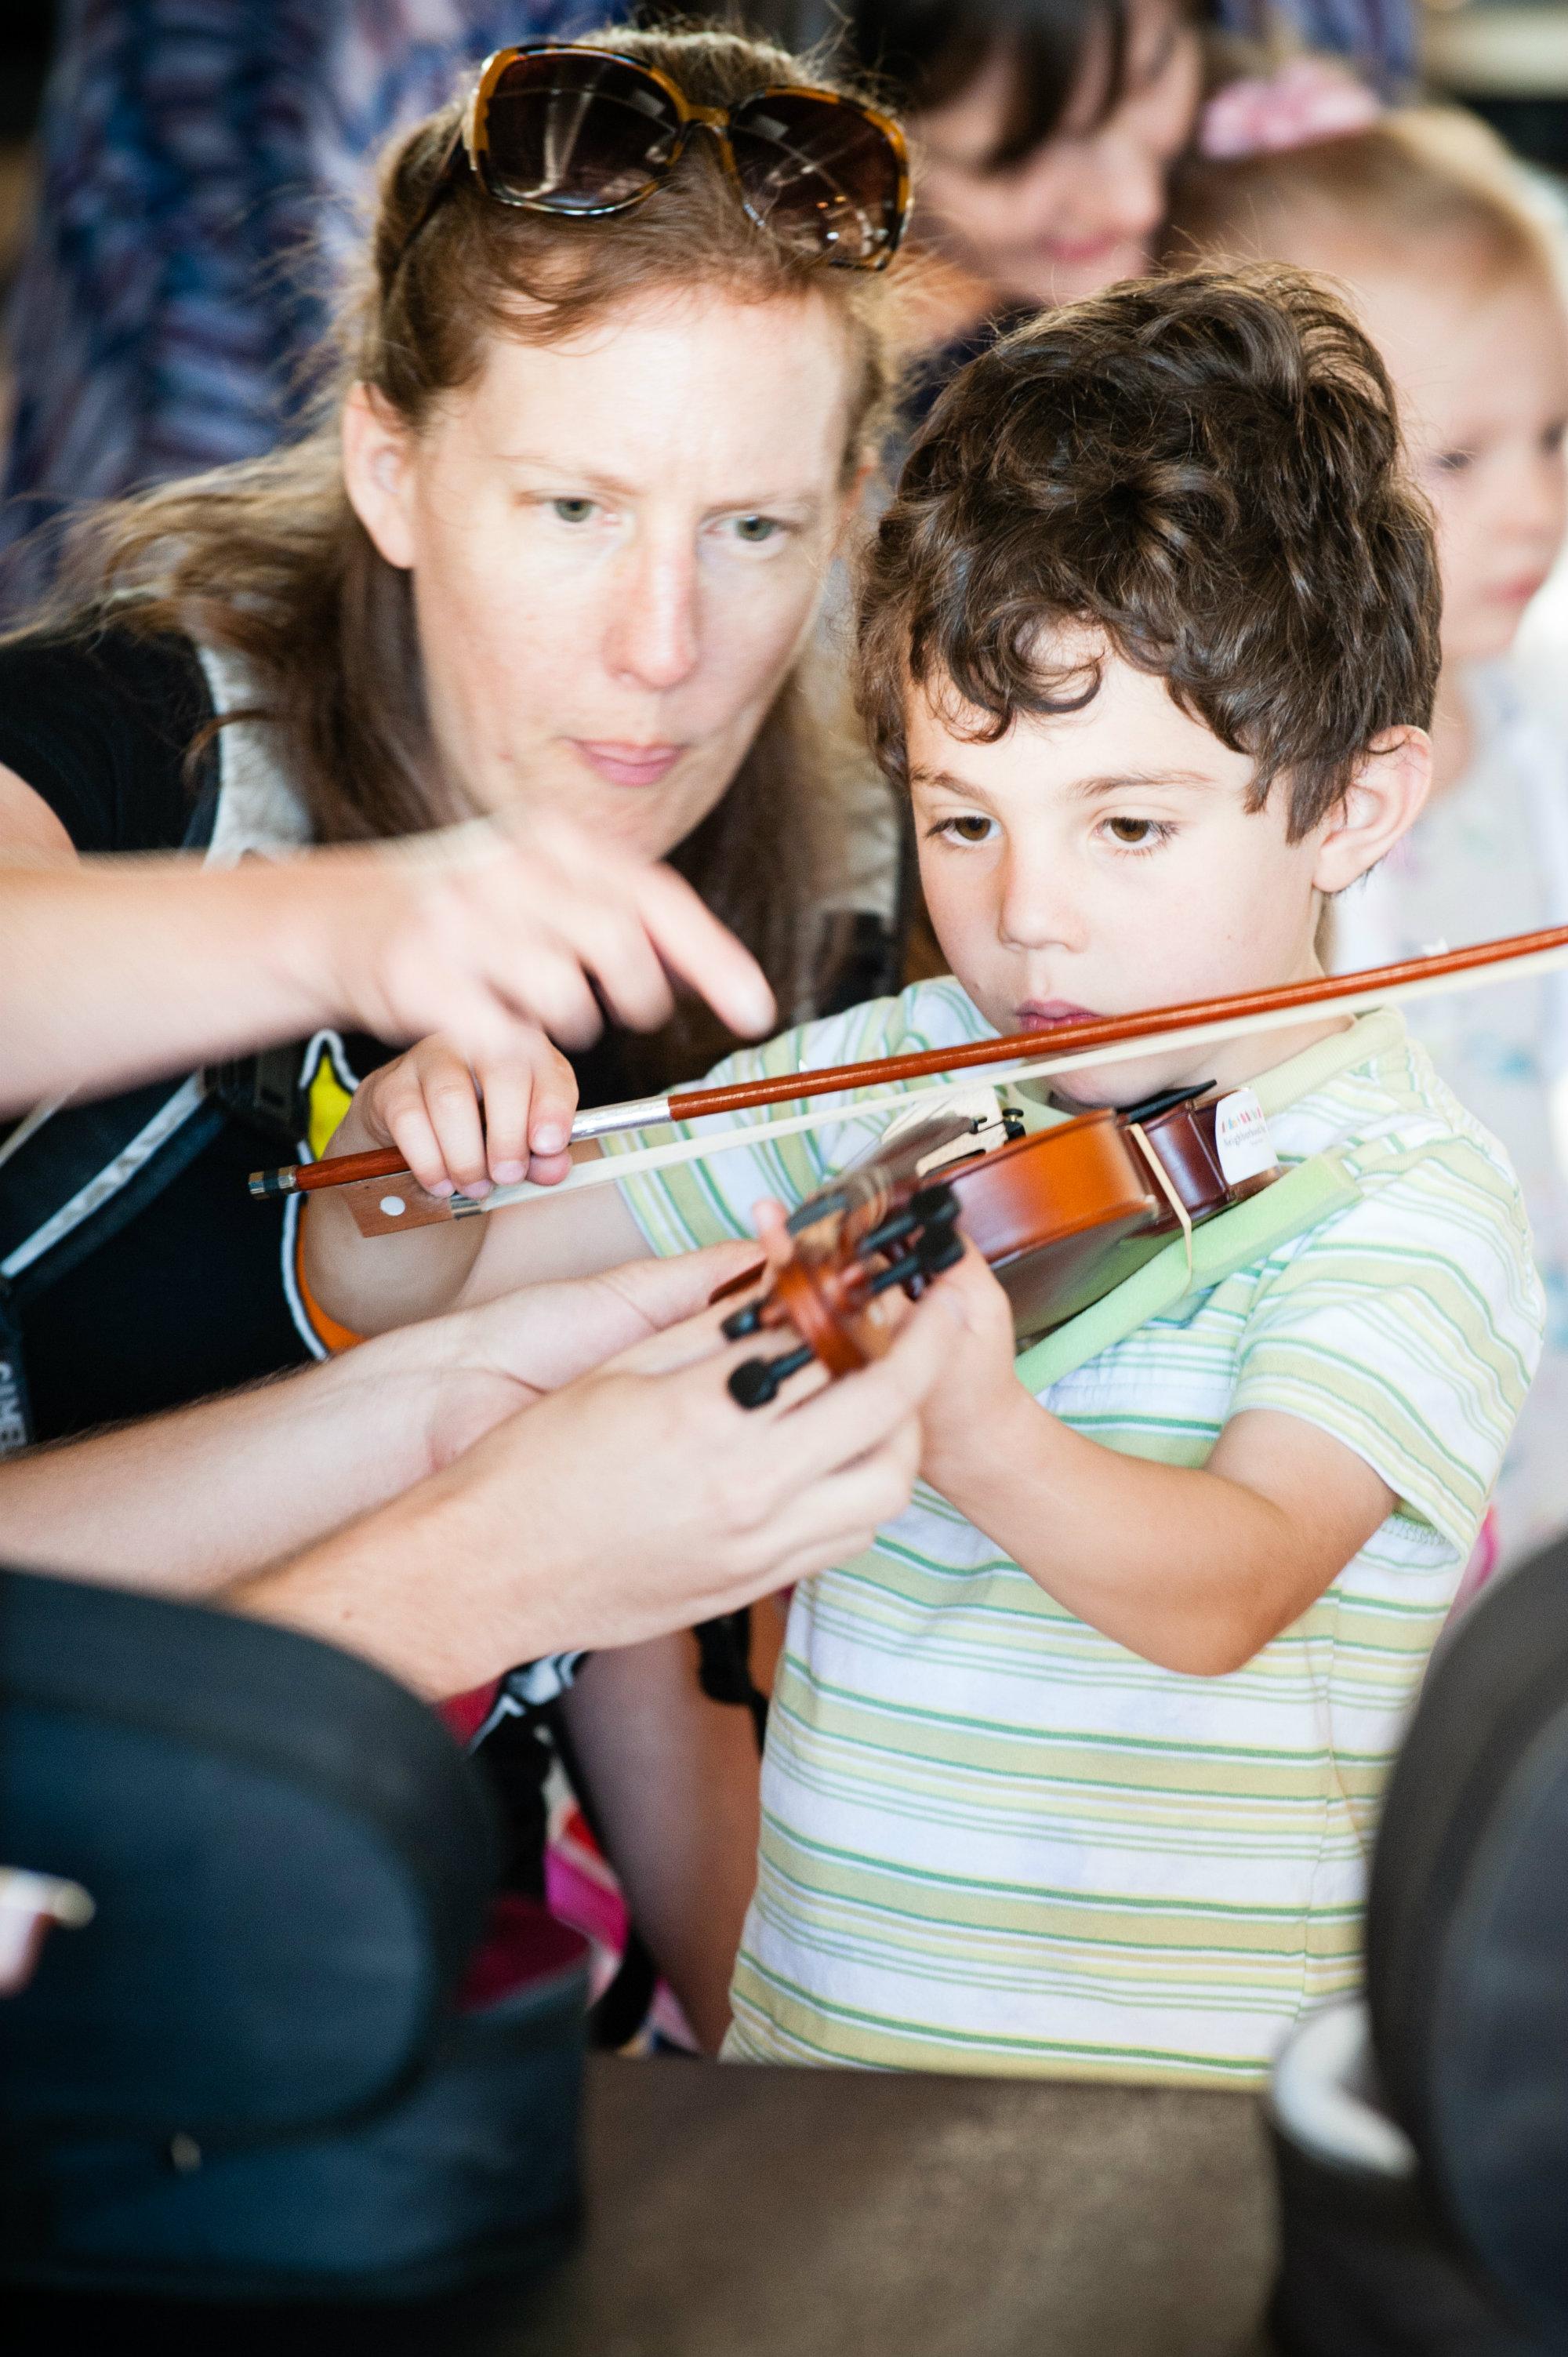 Photo: Inside the Orchestra Violin Lesson